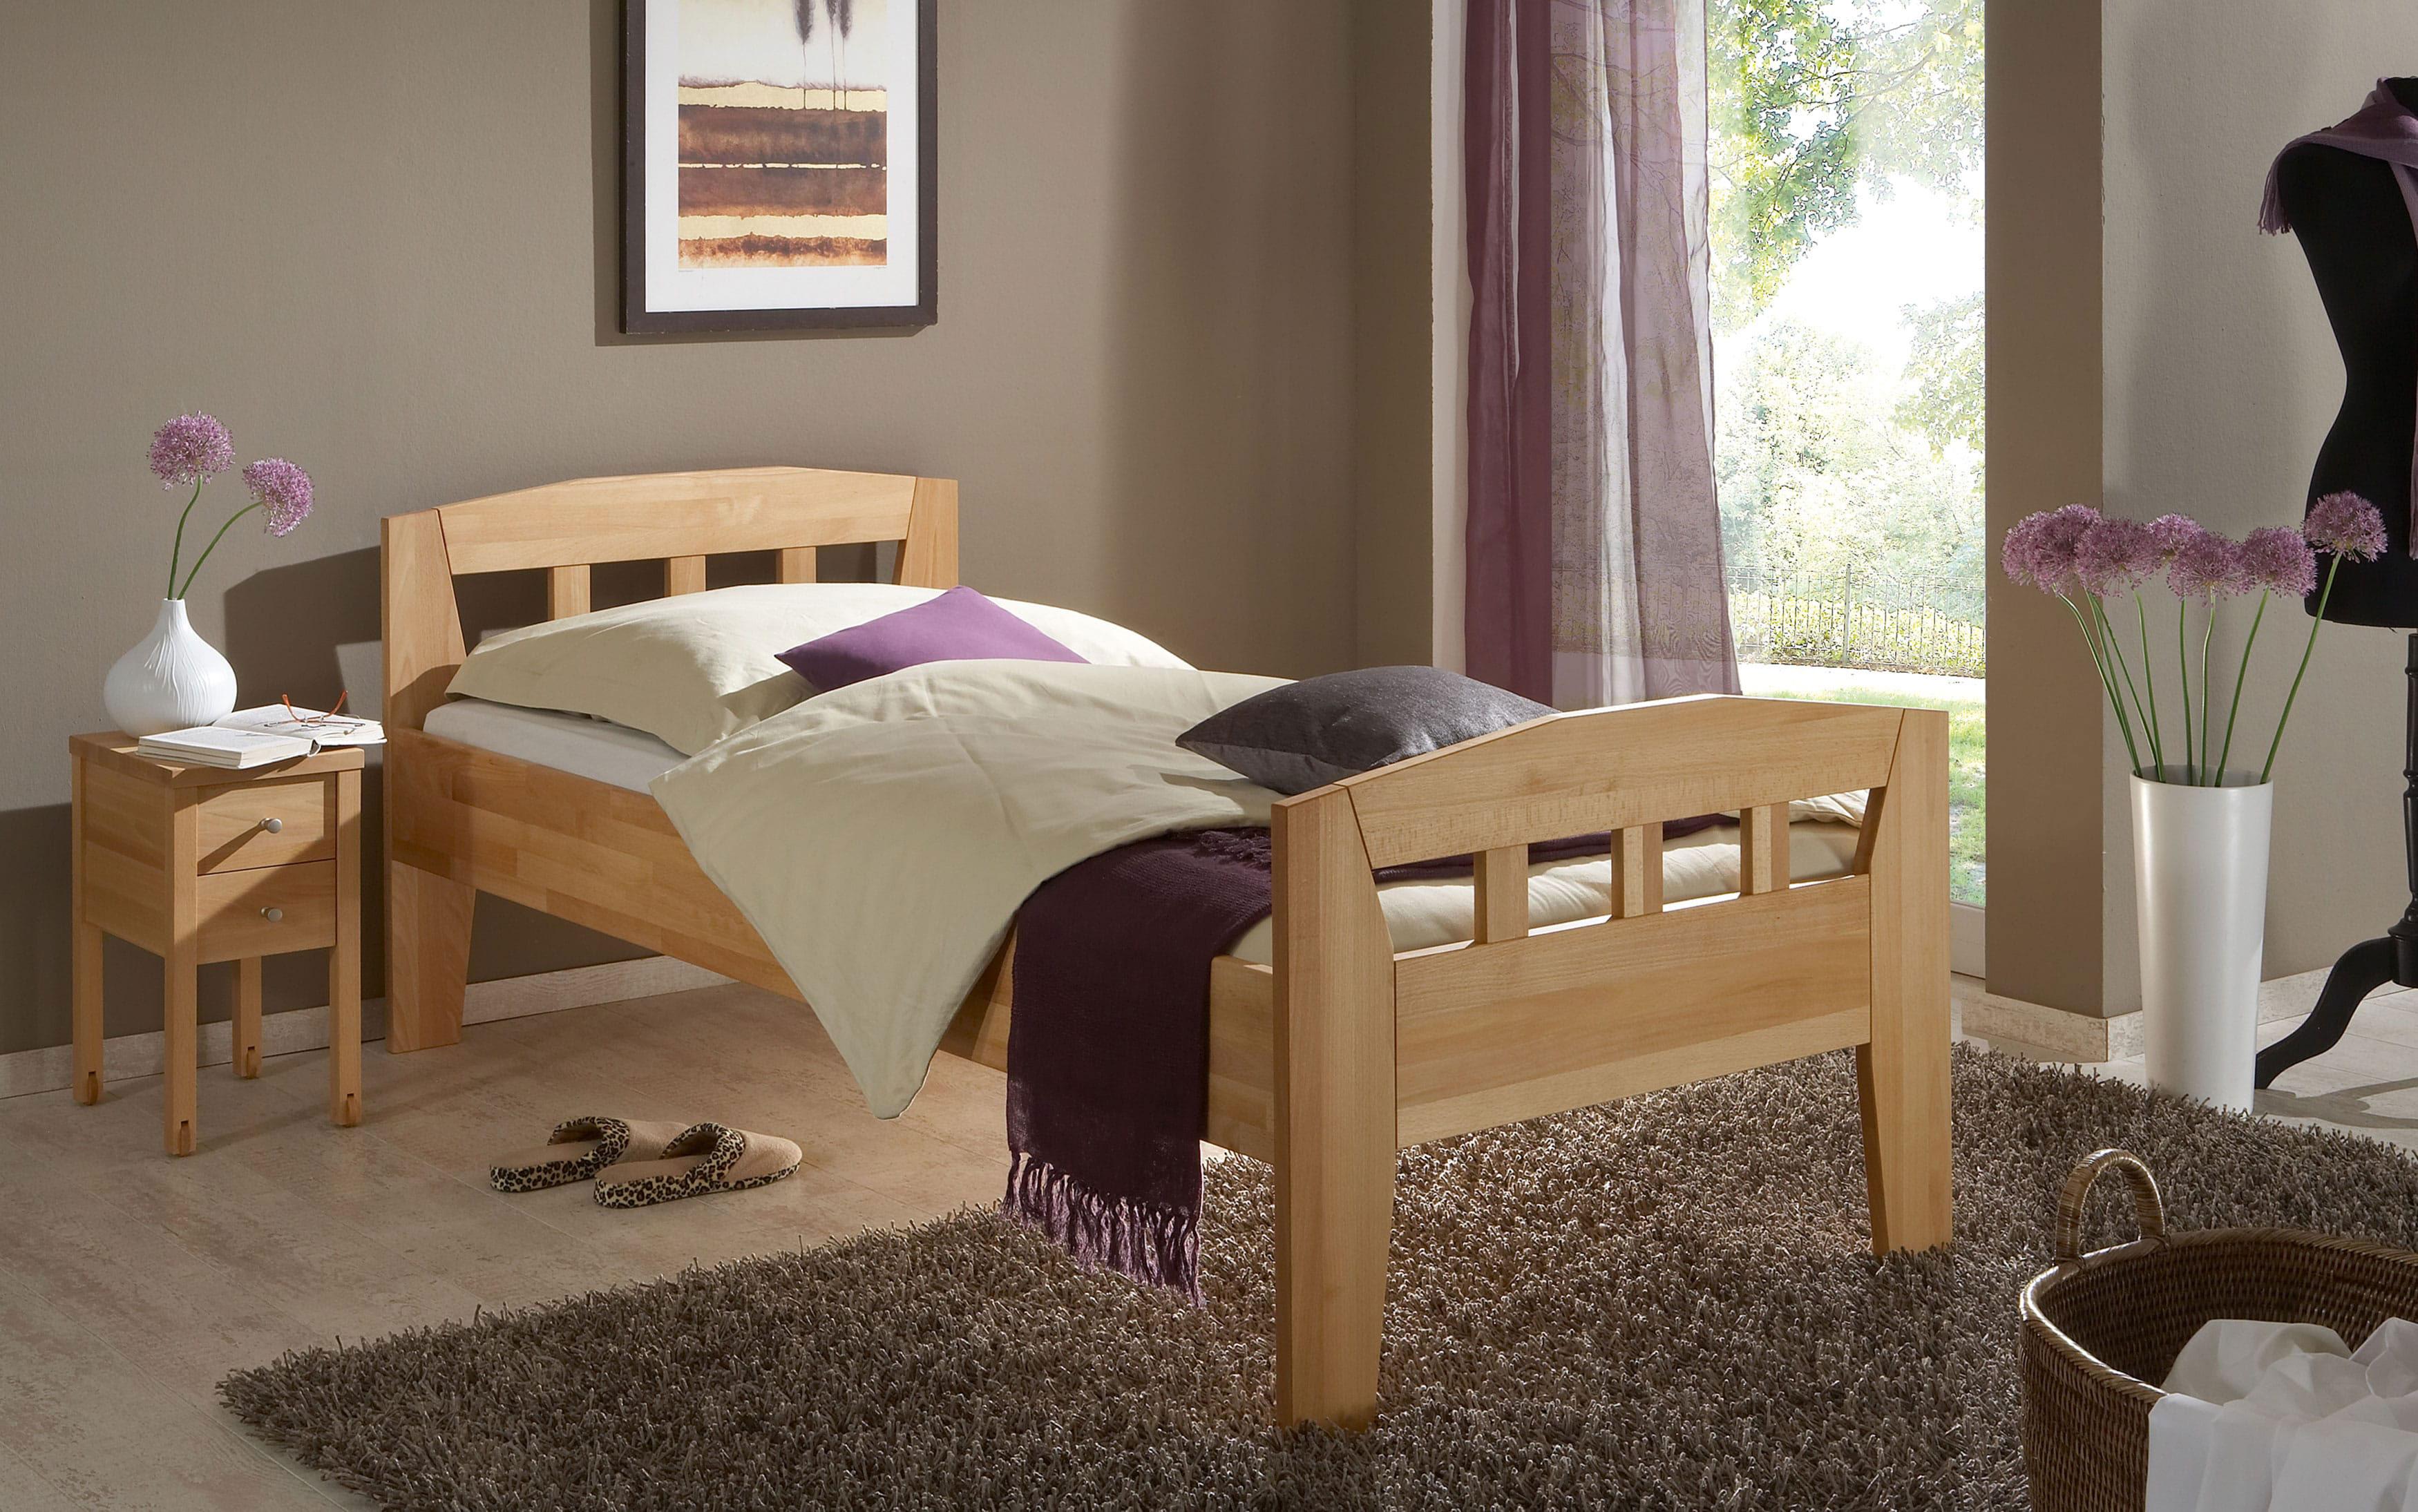 Komfortbett massiv buche mit Fußteil